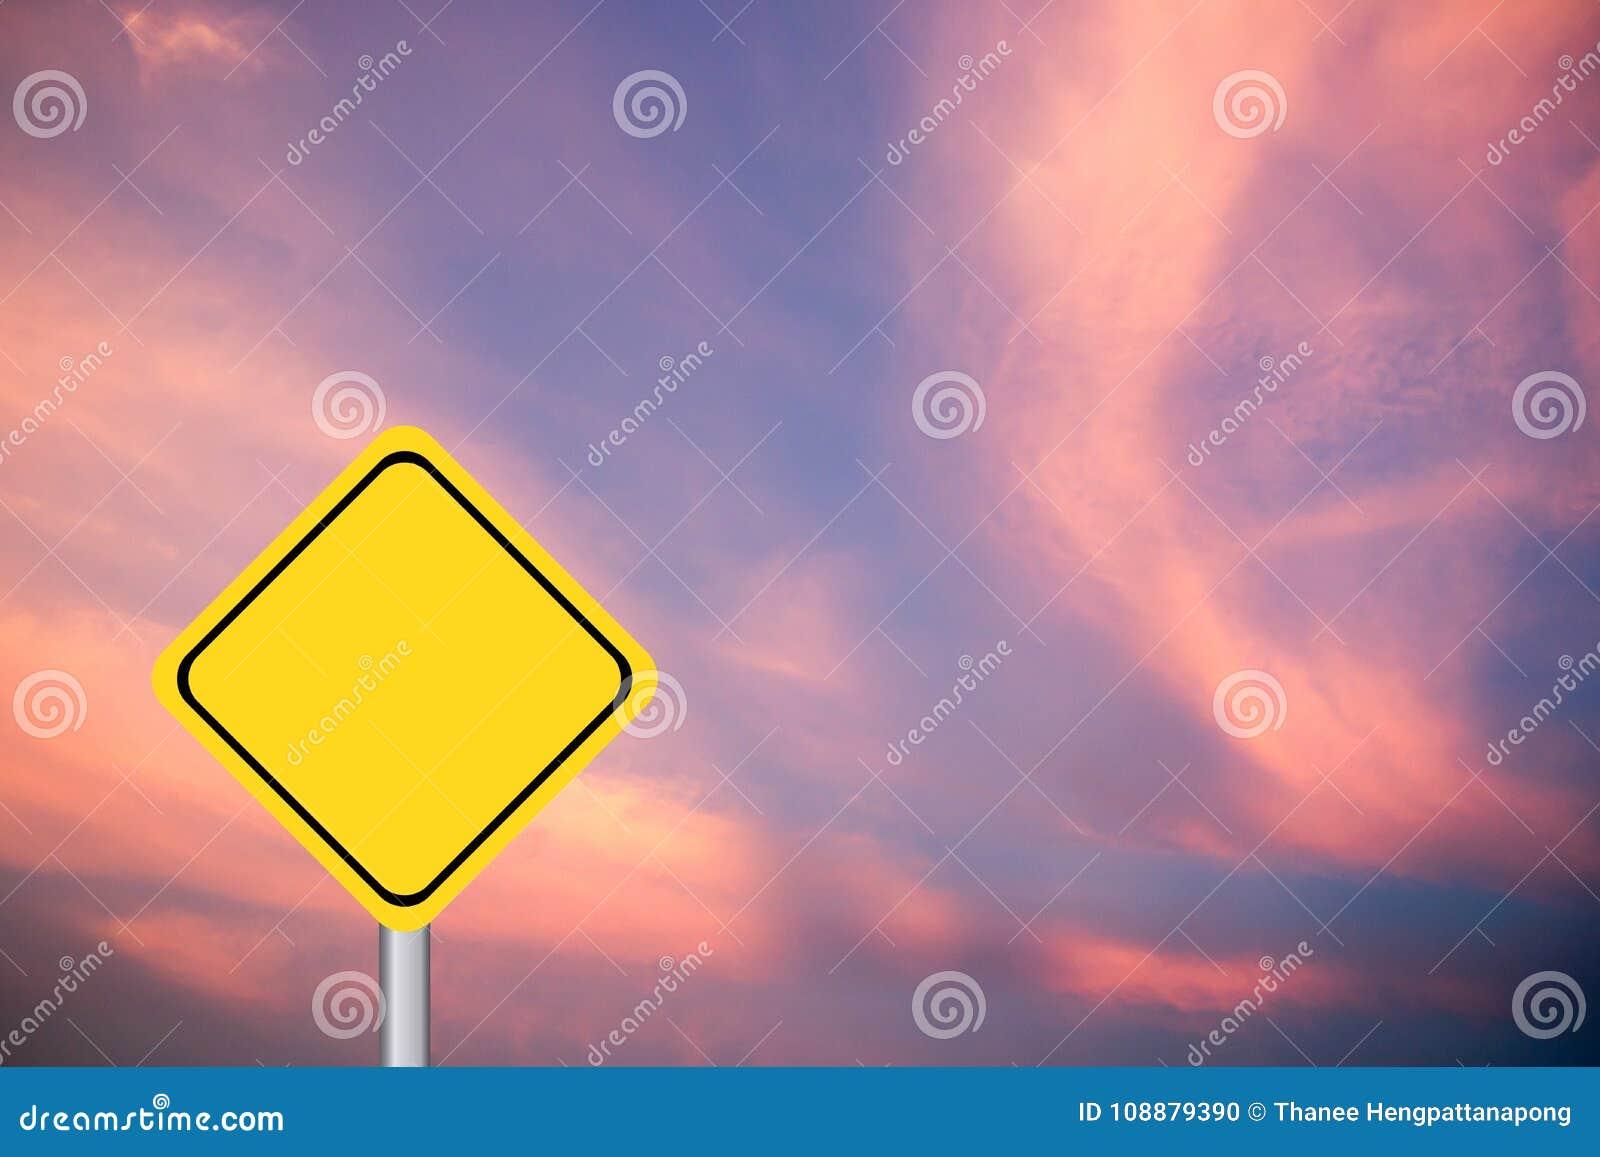 Muestra amarilla en blanco del transporte del diamante en el cielo púrpura y rosado